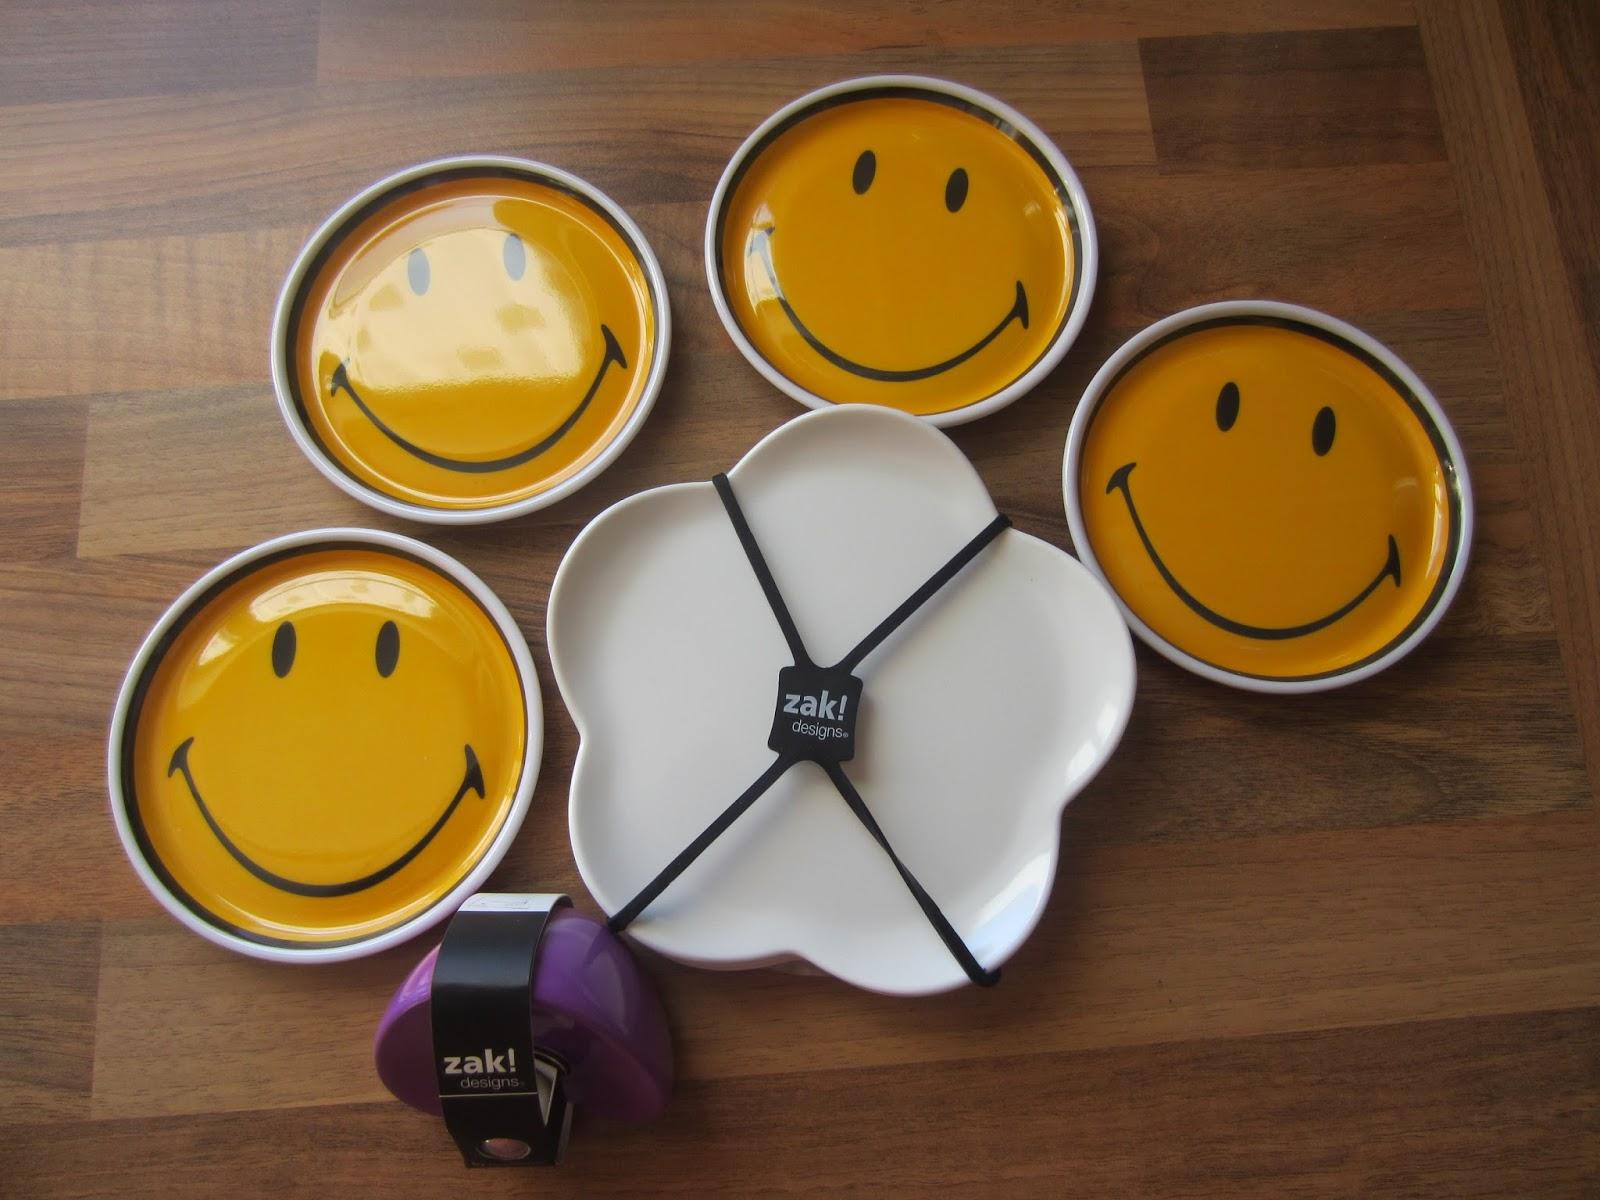 Tiggis Welt: Fröhliche Farben in meiner Küche mit Zak Designs